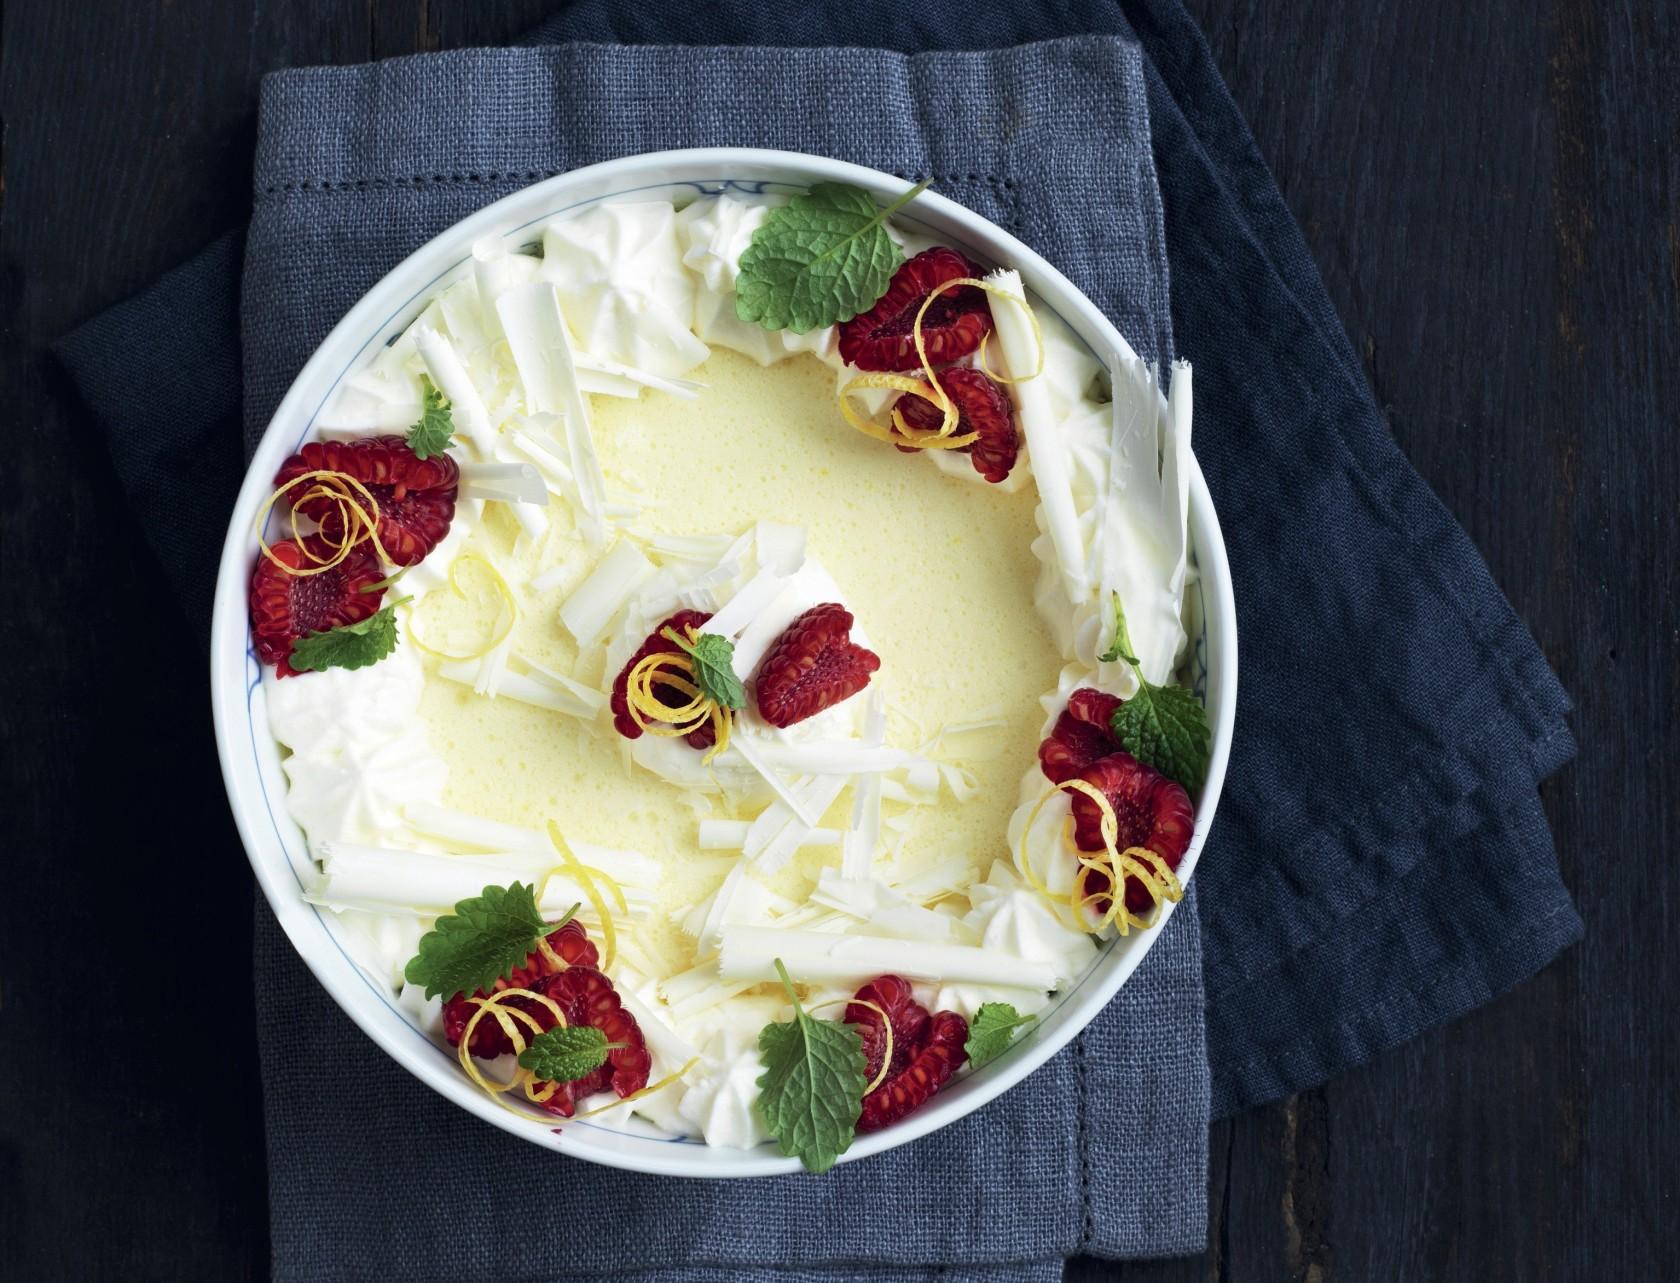 Citronfromage med hvid chokolade og hindbær - virkelig lækker opskrift.